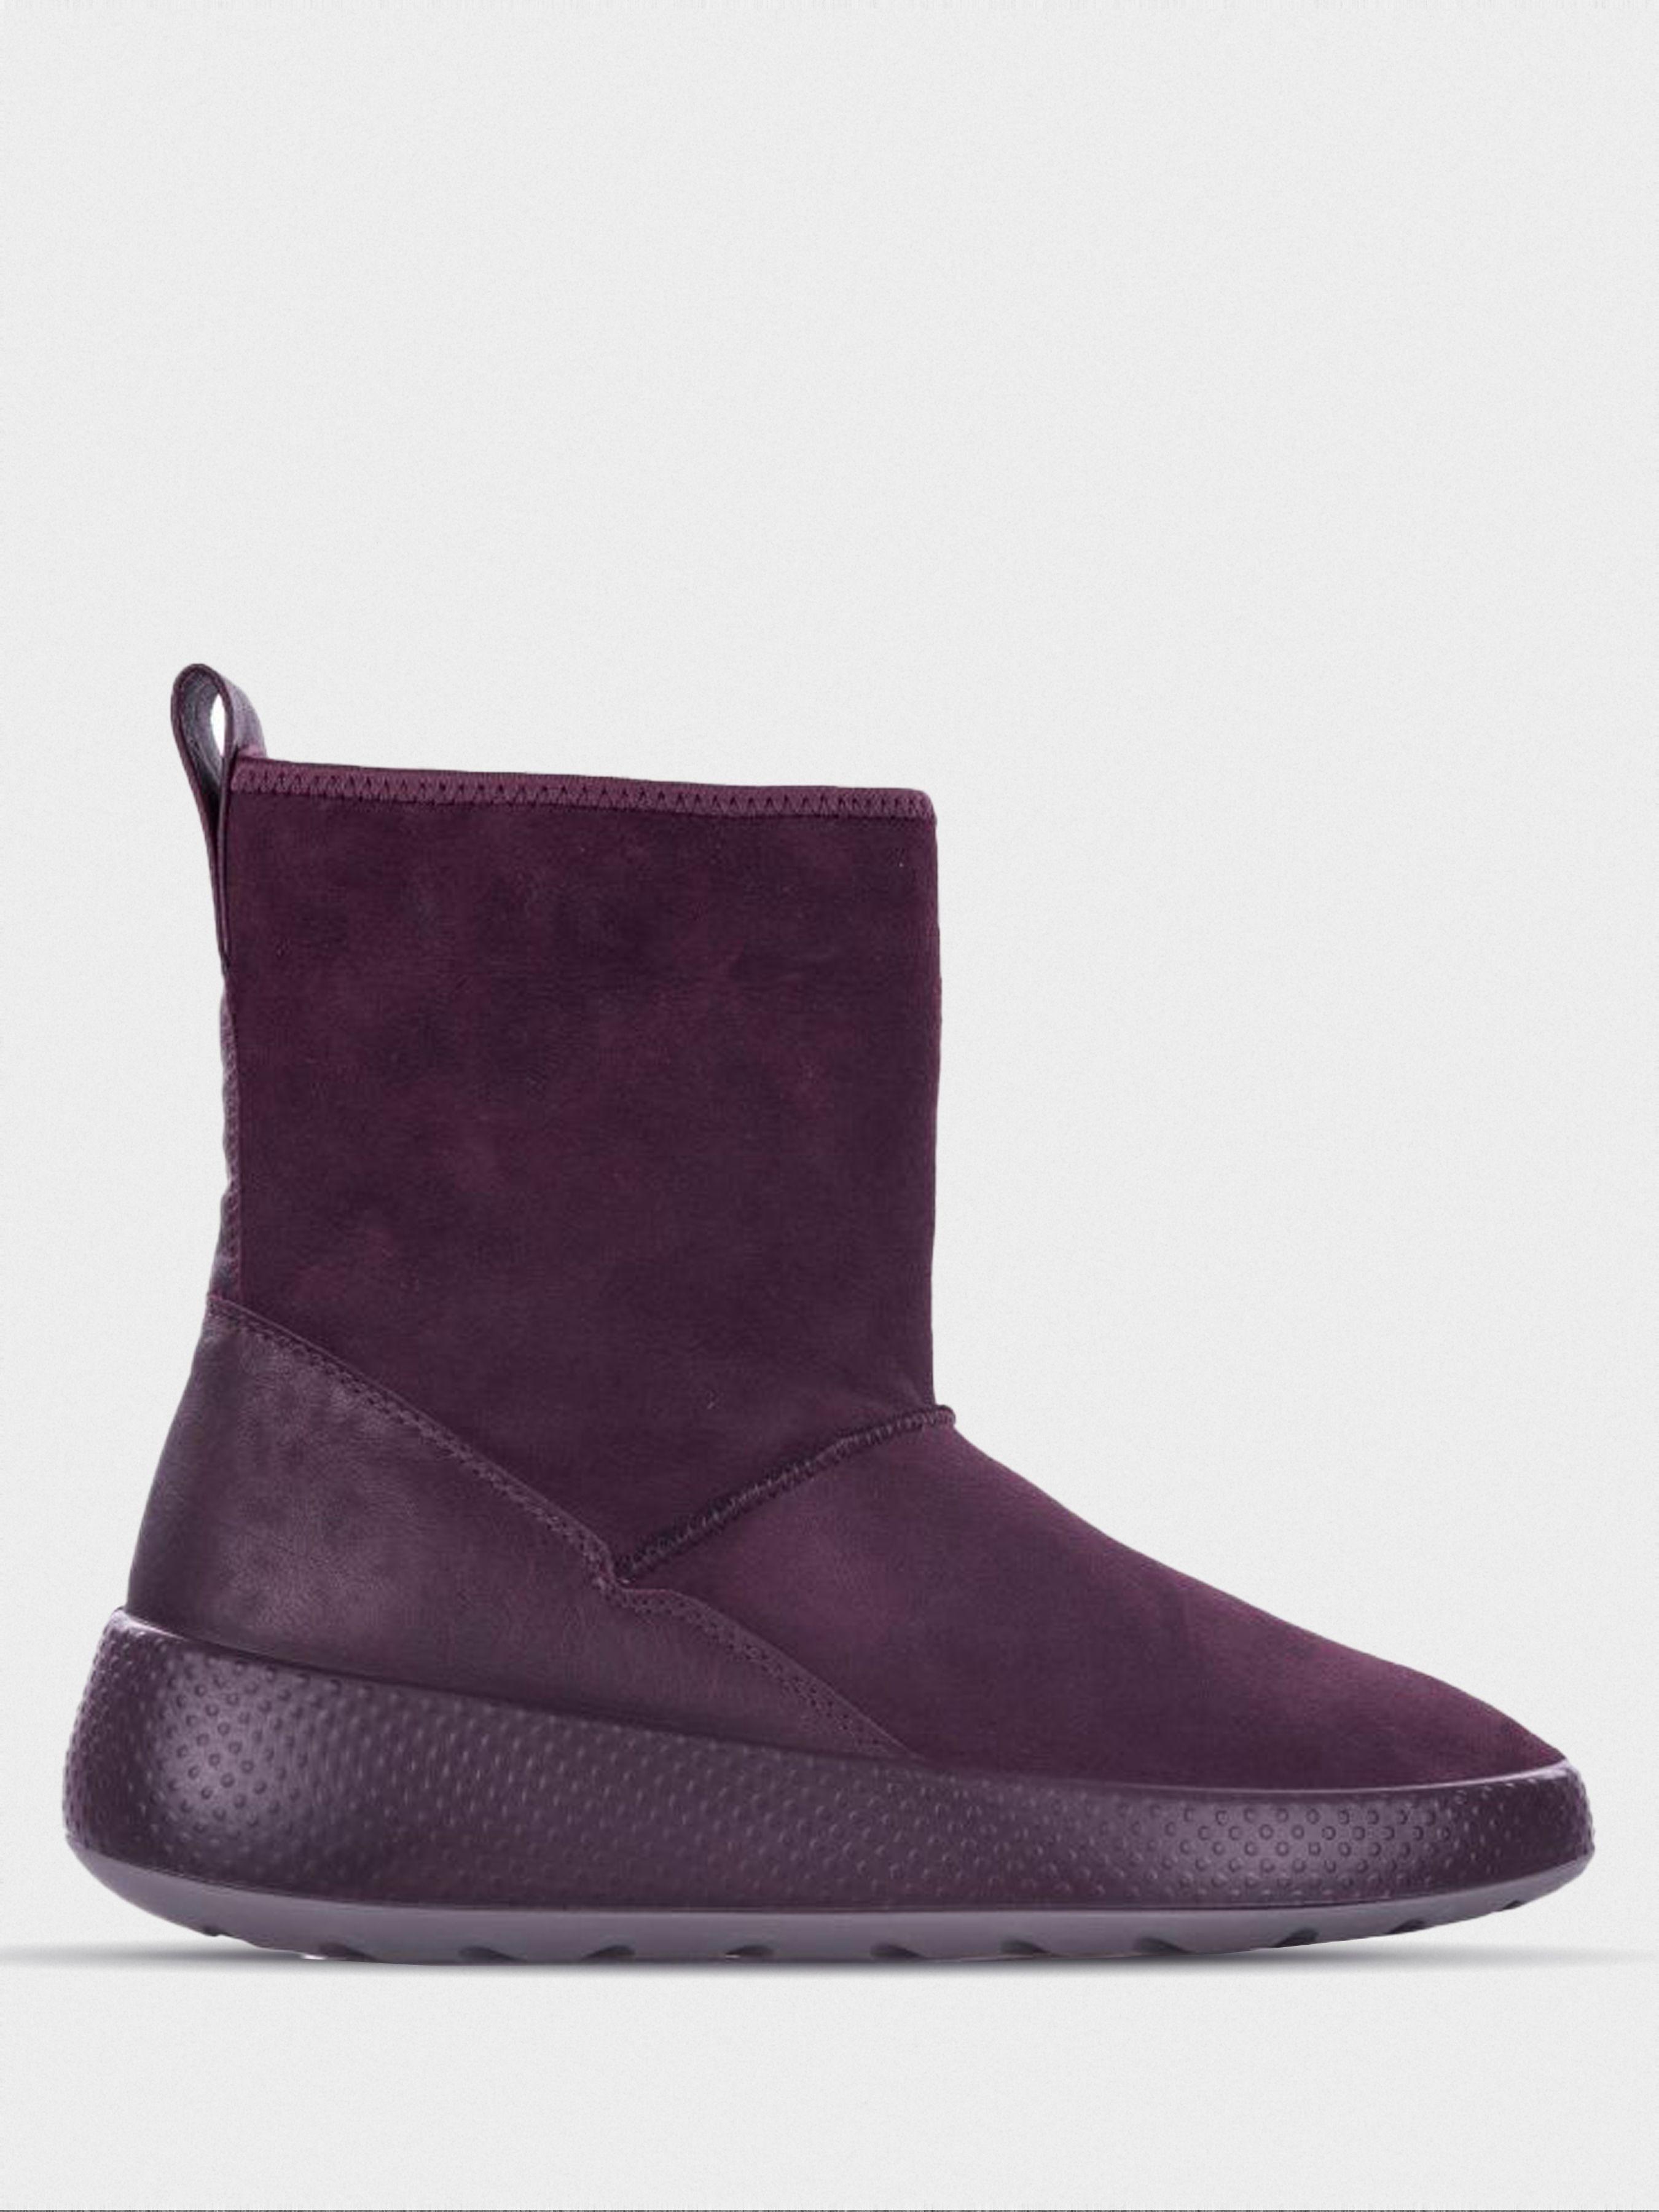 жіночі чоботи ecco ukiuk 221003(50768) шкіряні